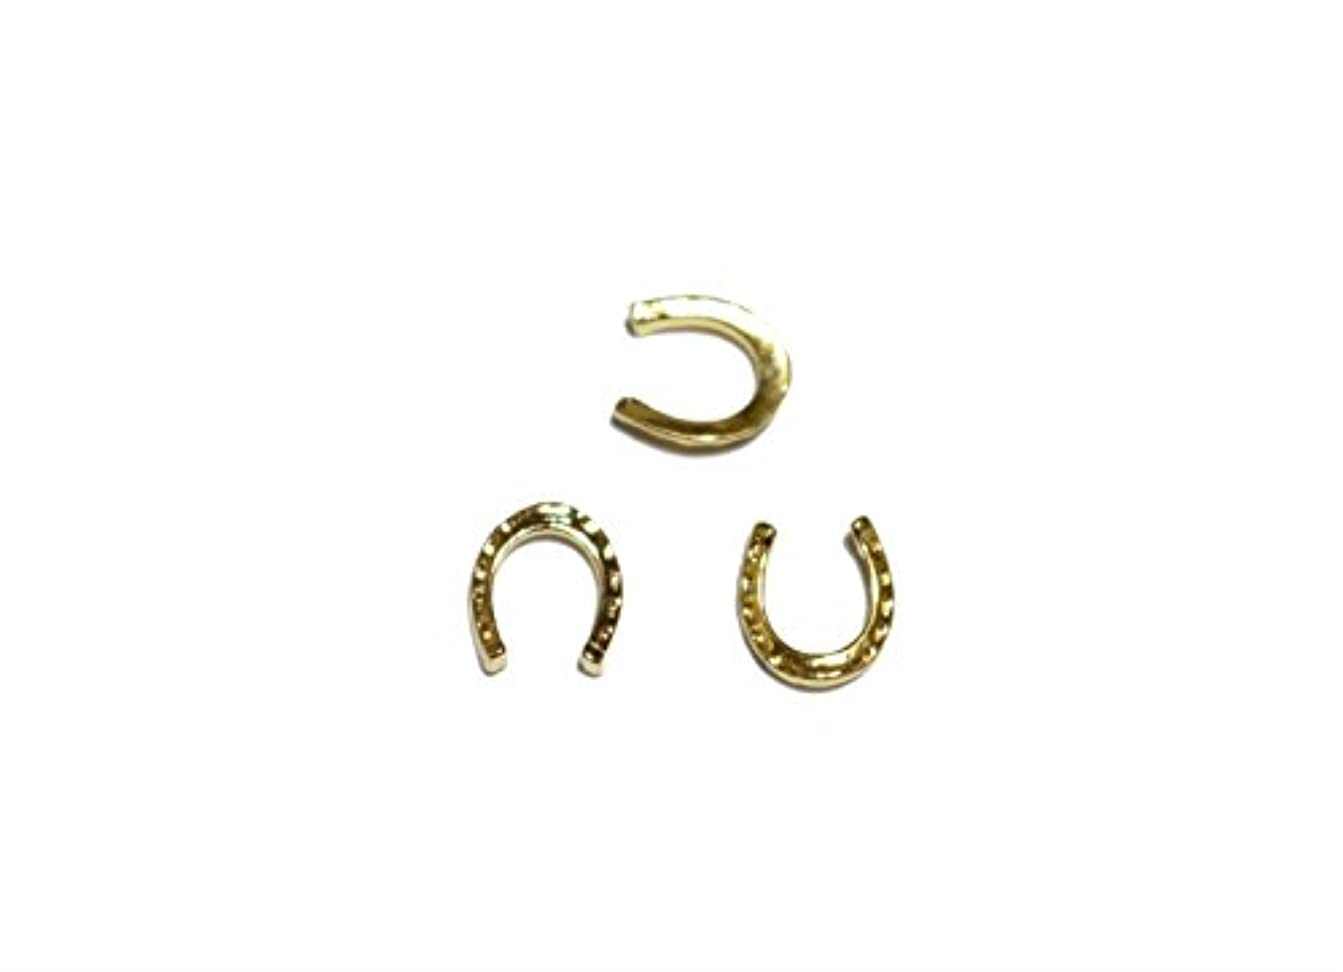 スリラー忠実な明確な【jewel】メタルネイルパーツ ホースシュー 5個入 ゴールドorシルバー スタッズ ジェルネイル デコ素材 (ゴールド)